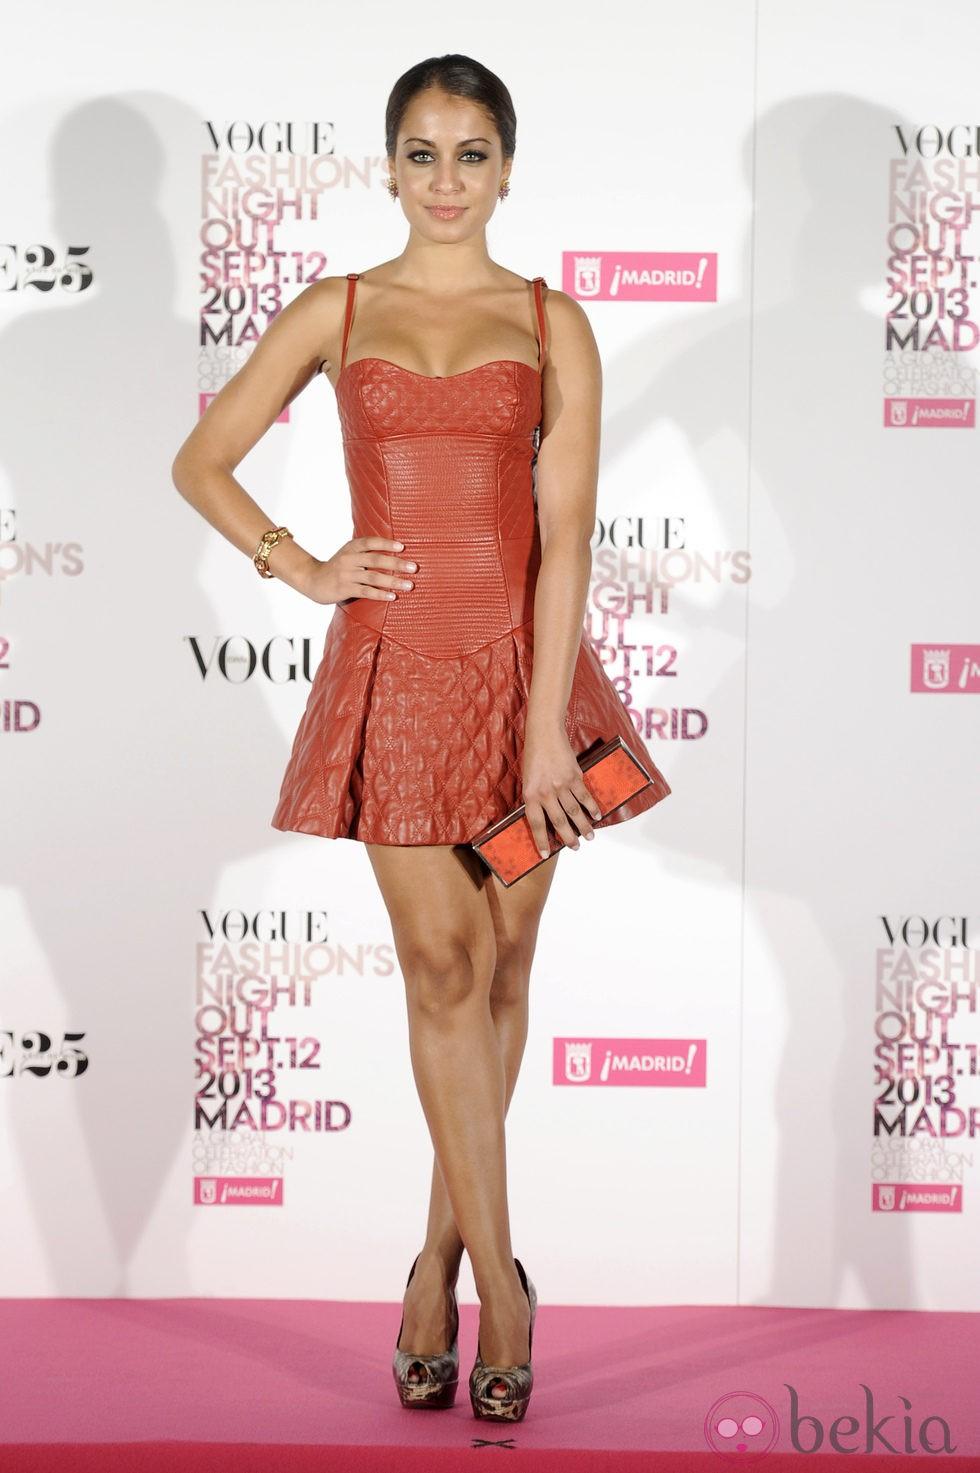 Hiba Abouk En La Vogue Fashion 39 S Night Out 2013 Fotos En Bekia